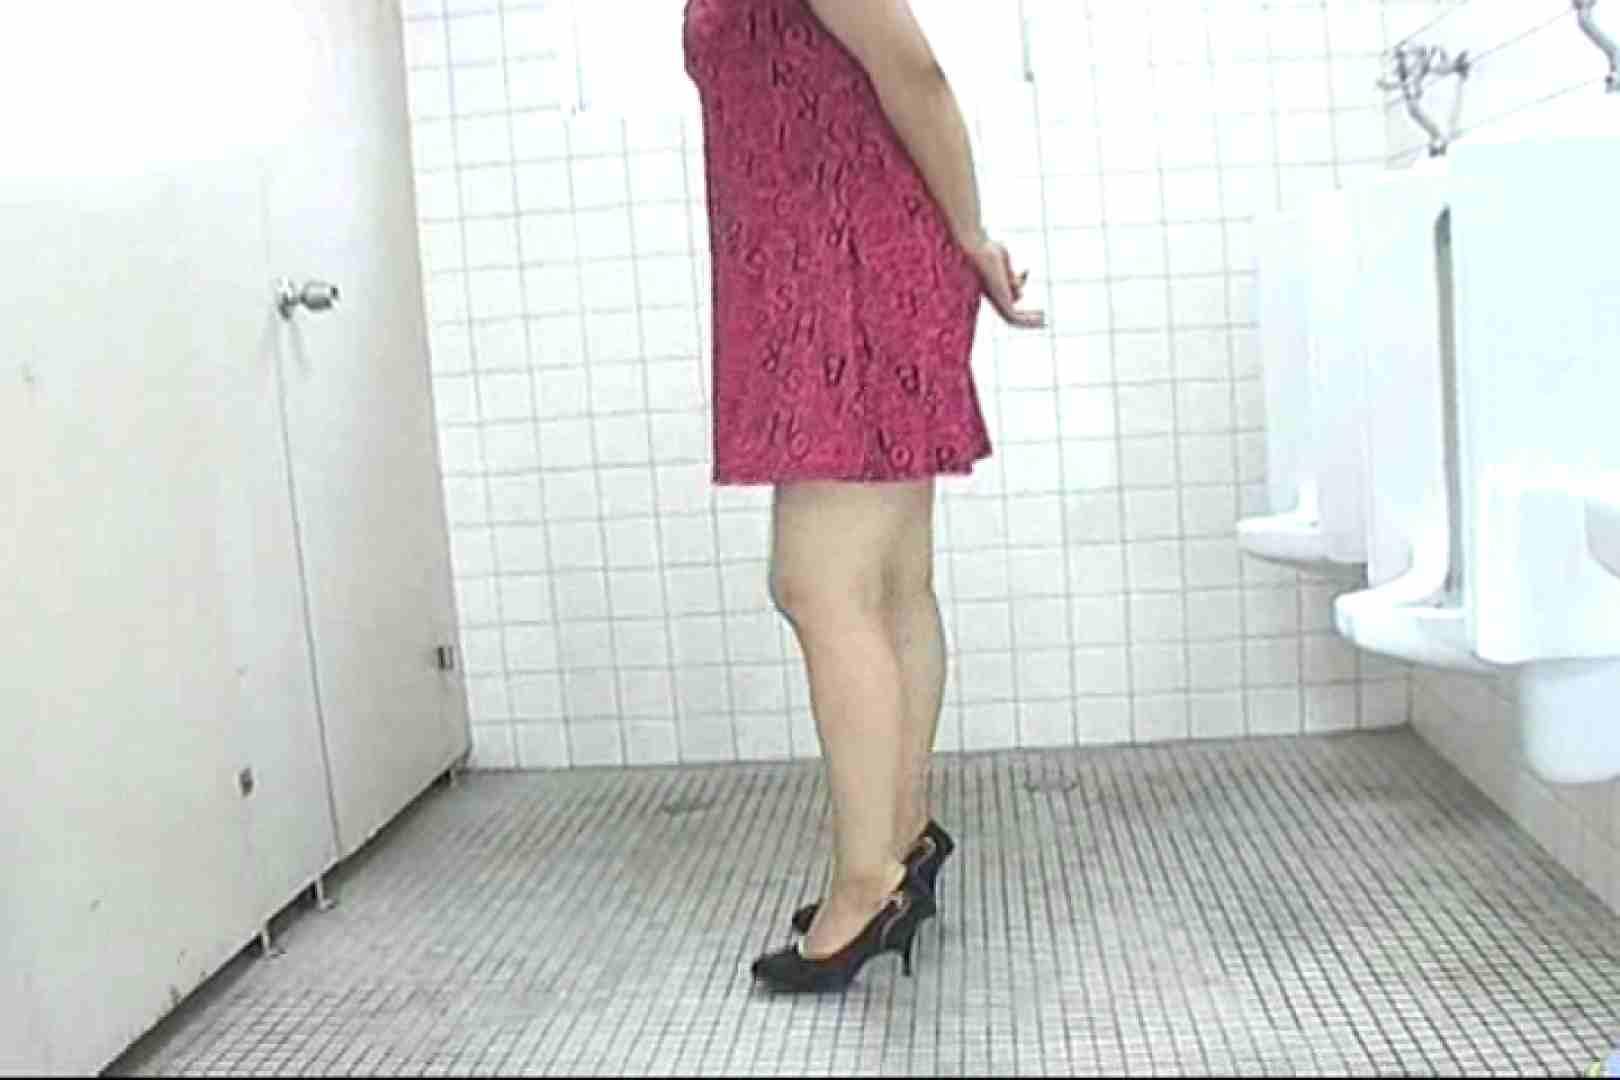 雑居ビル洗面所只今使用禁止中!Vol.4 ギャルのエロ動画 | エロティックなOL  82画像 29